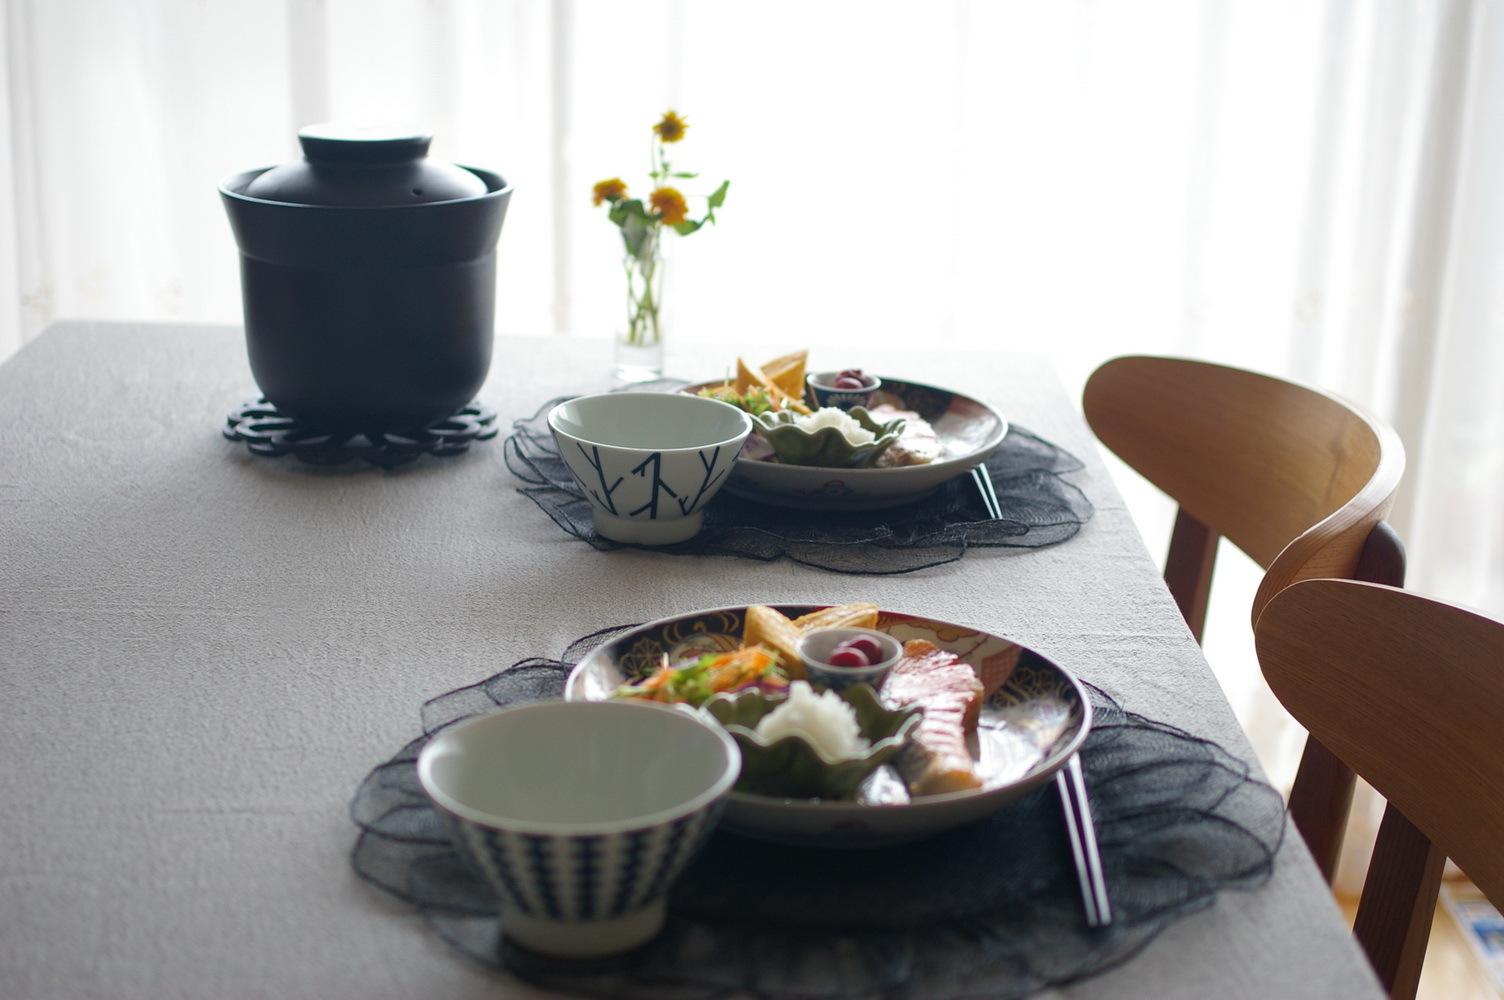 朝食のような塩鮭ランチ_d0327373_11264167.jpg